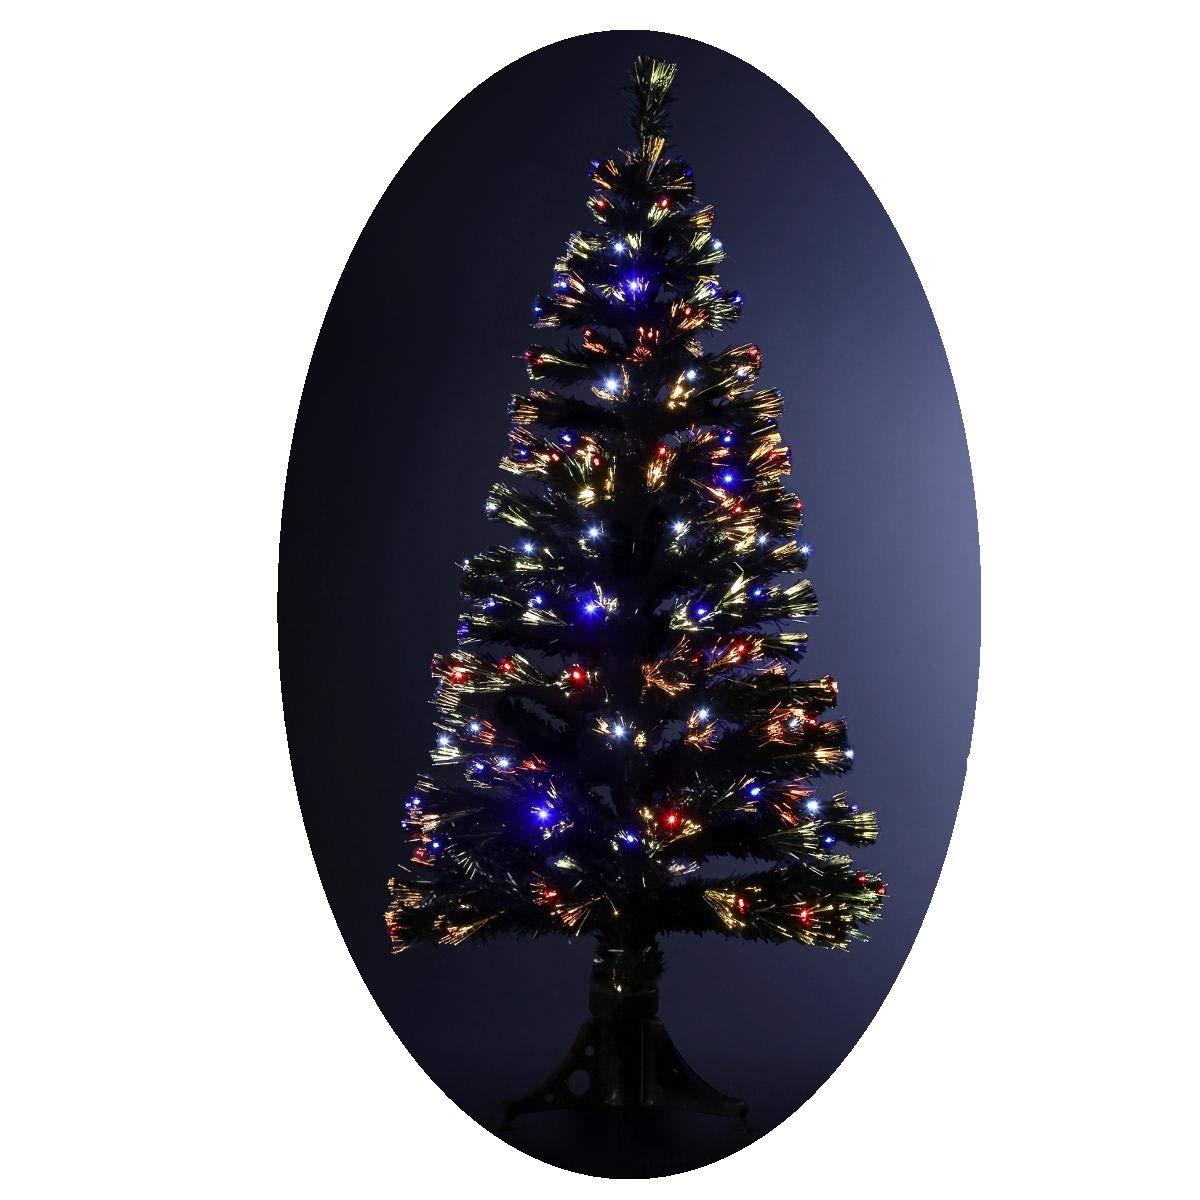 Albero di Natale artificiale luminoso con fibra ottica + 170 lampadine LED – Giochi di luce con scatola di controllo - consegnato col piede – Altezza: 150 cm FEERIC LIGHTS & CHRISTMAS